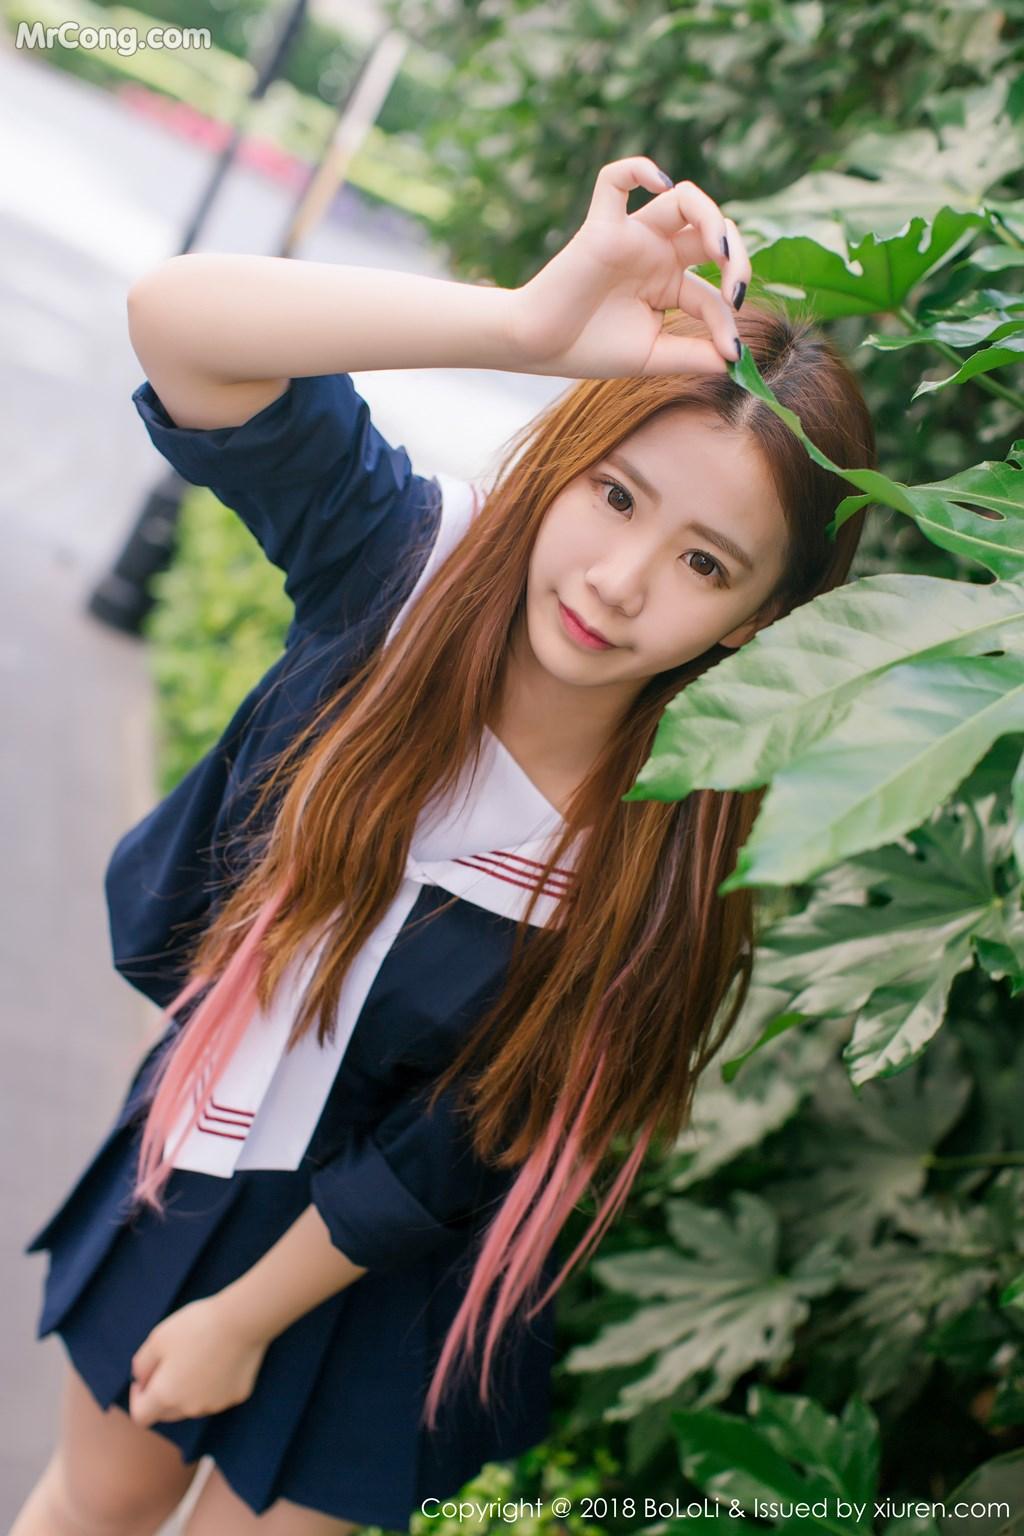 Image Tukmo-Vol.107-Dong-Chen-Li-MrCong.com-005 in post Tukmo Vol.107: Người mẫu Dong Chen Li (董成丽) (43 ảnh)